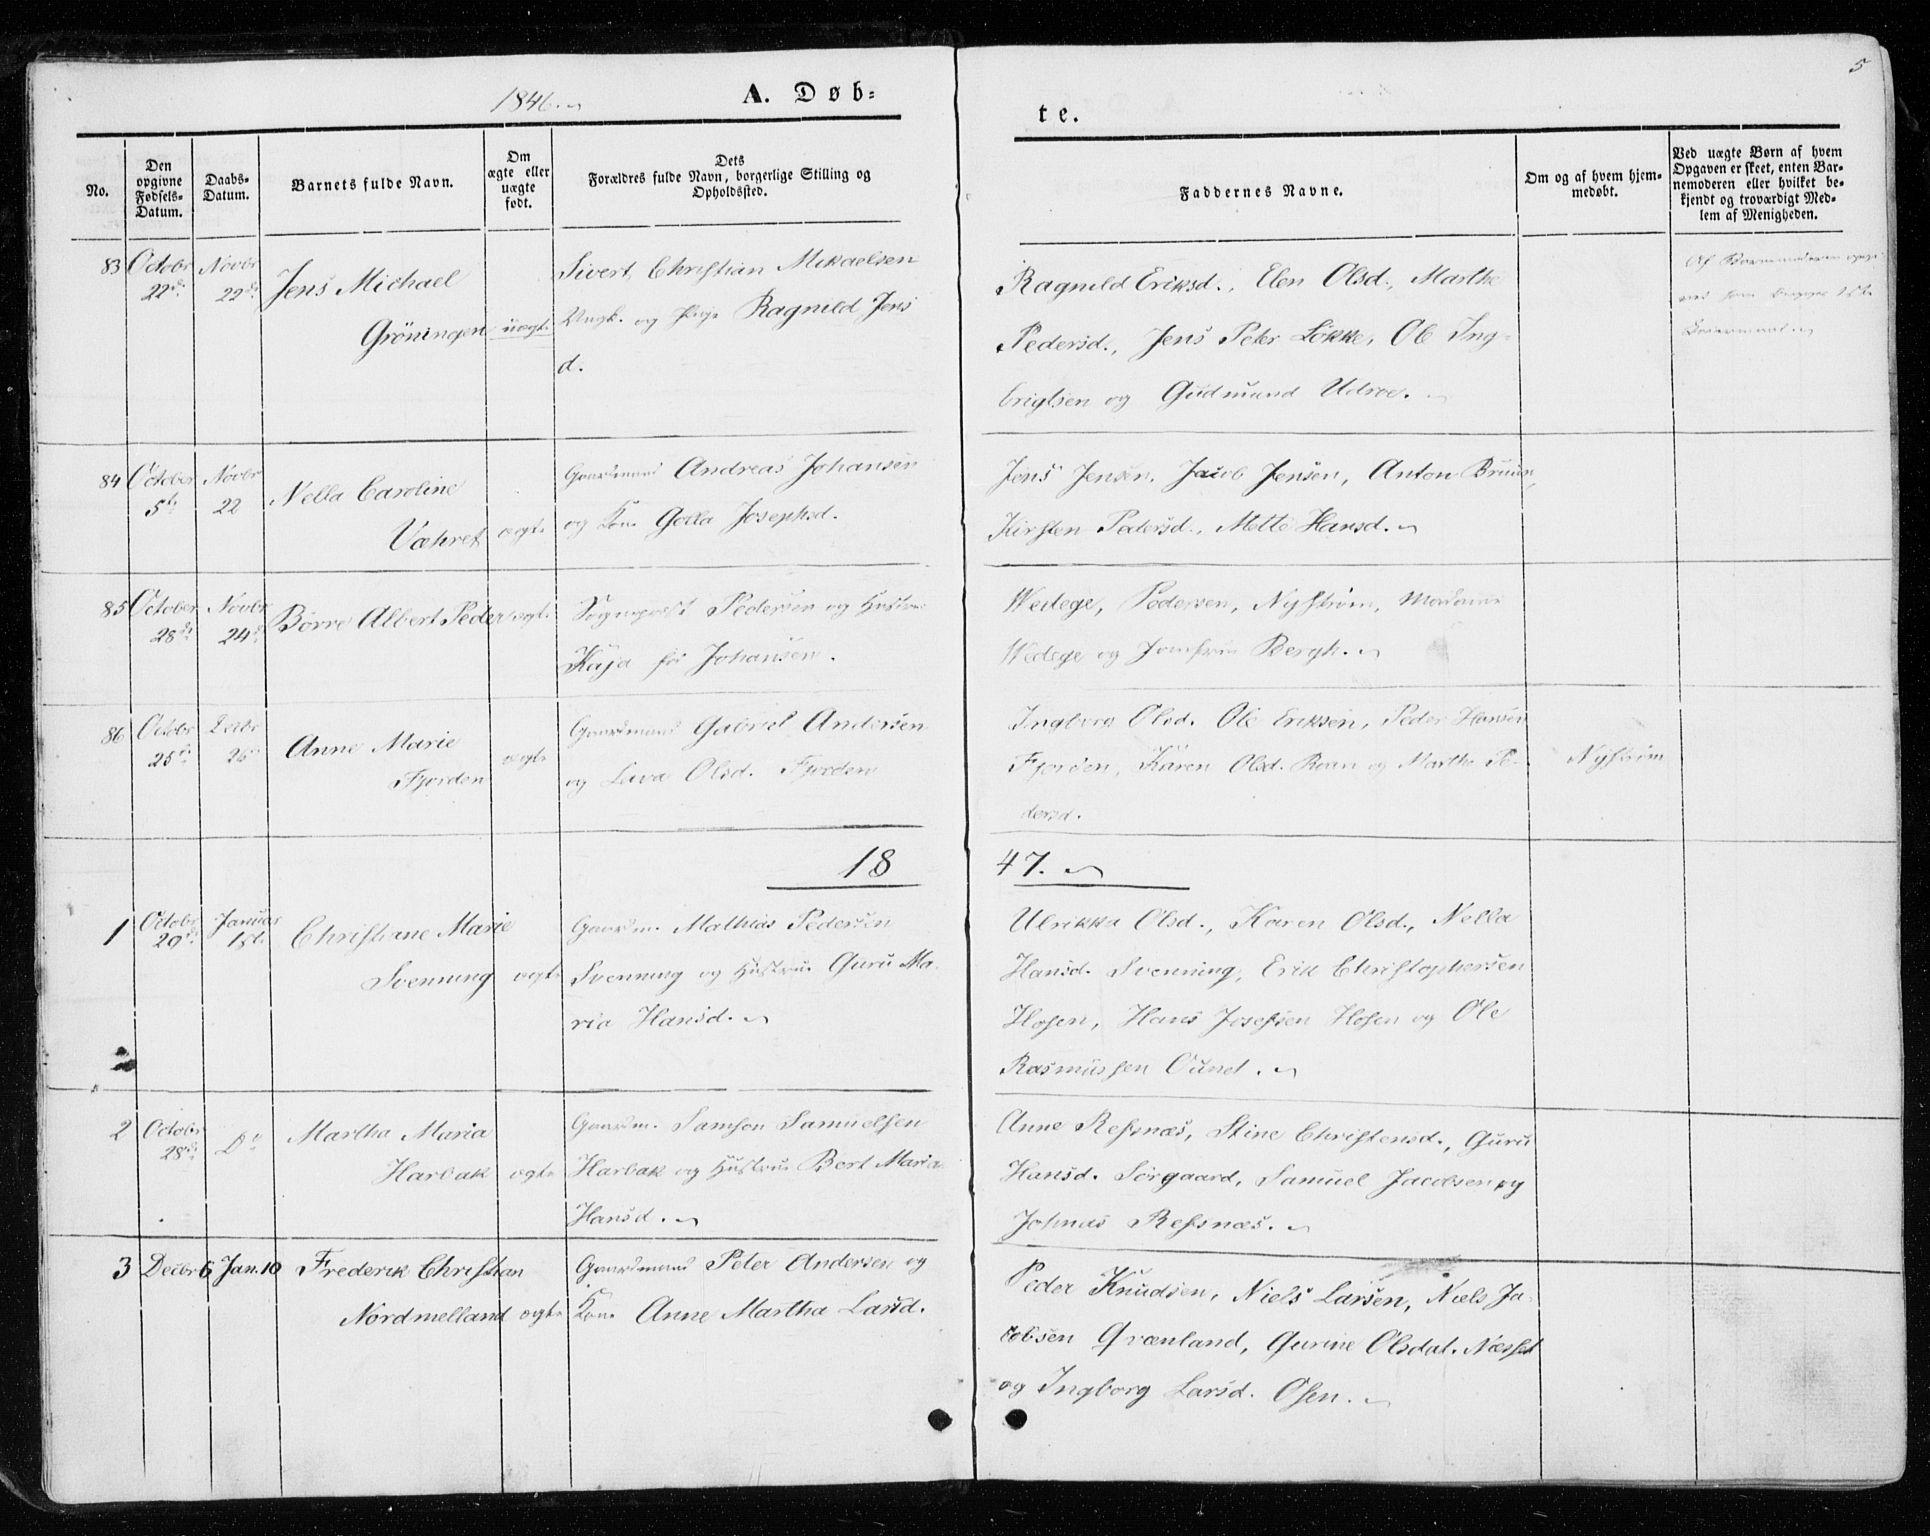 SAT, Ministerialprotokoller, klokkerbøker og fødselsregistre - Sør-Trøndelag, 657/L0704: Ministerialbok nr. 657A05, 1846-1857, s. 5